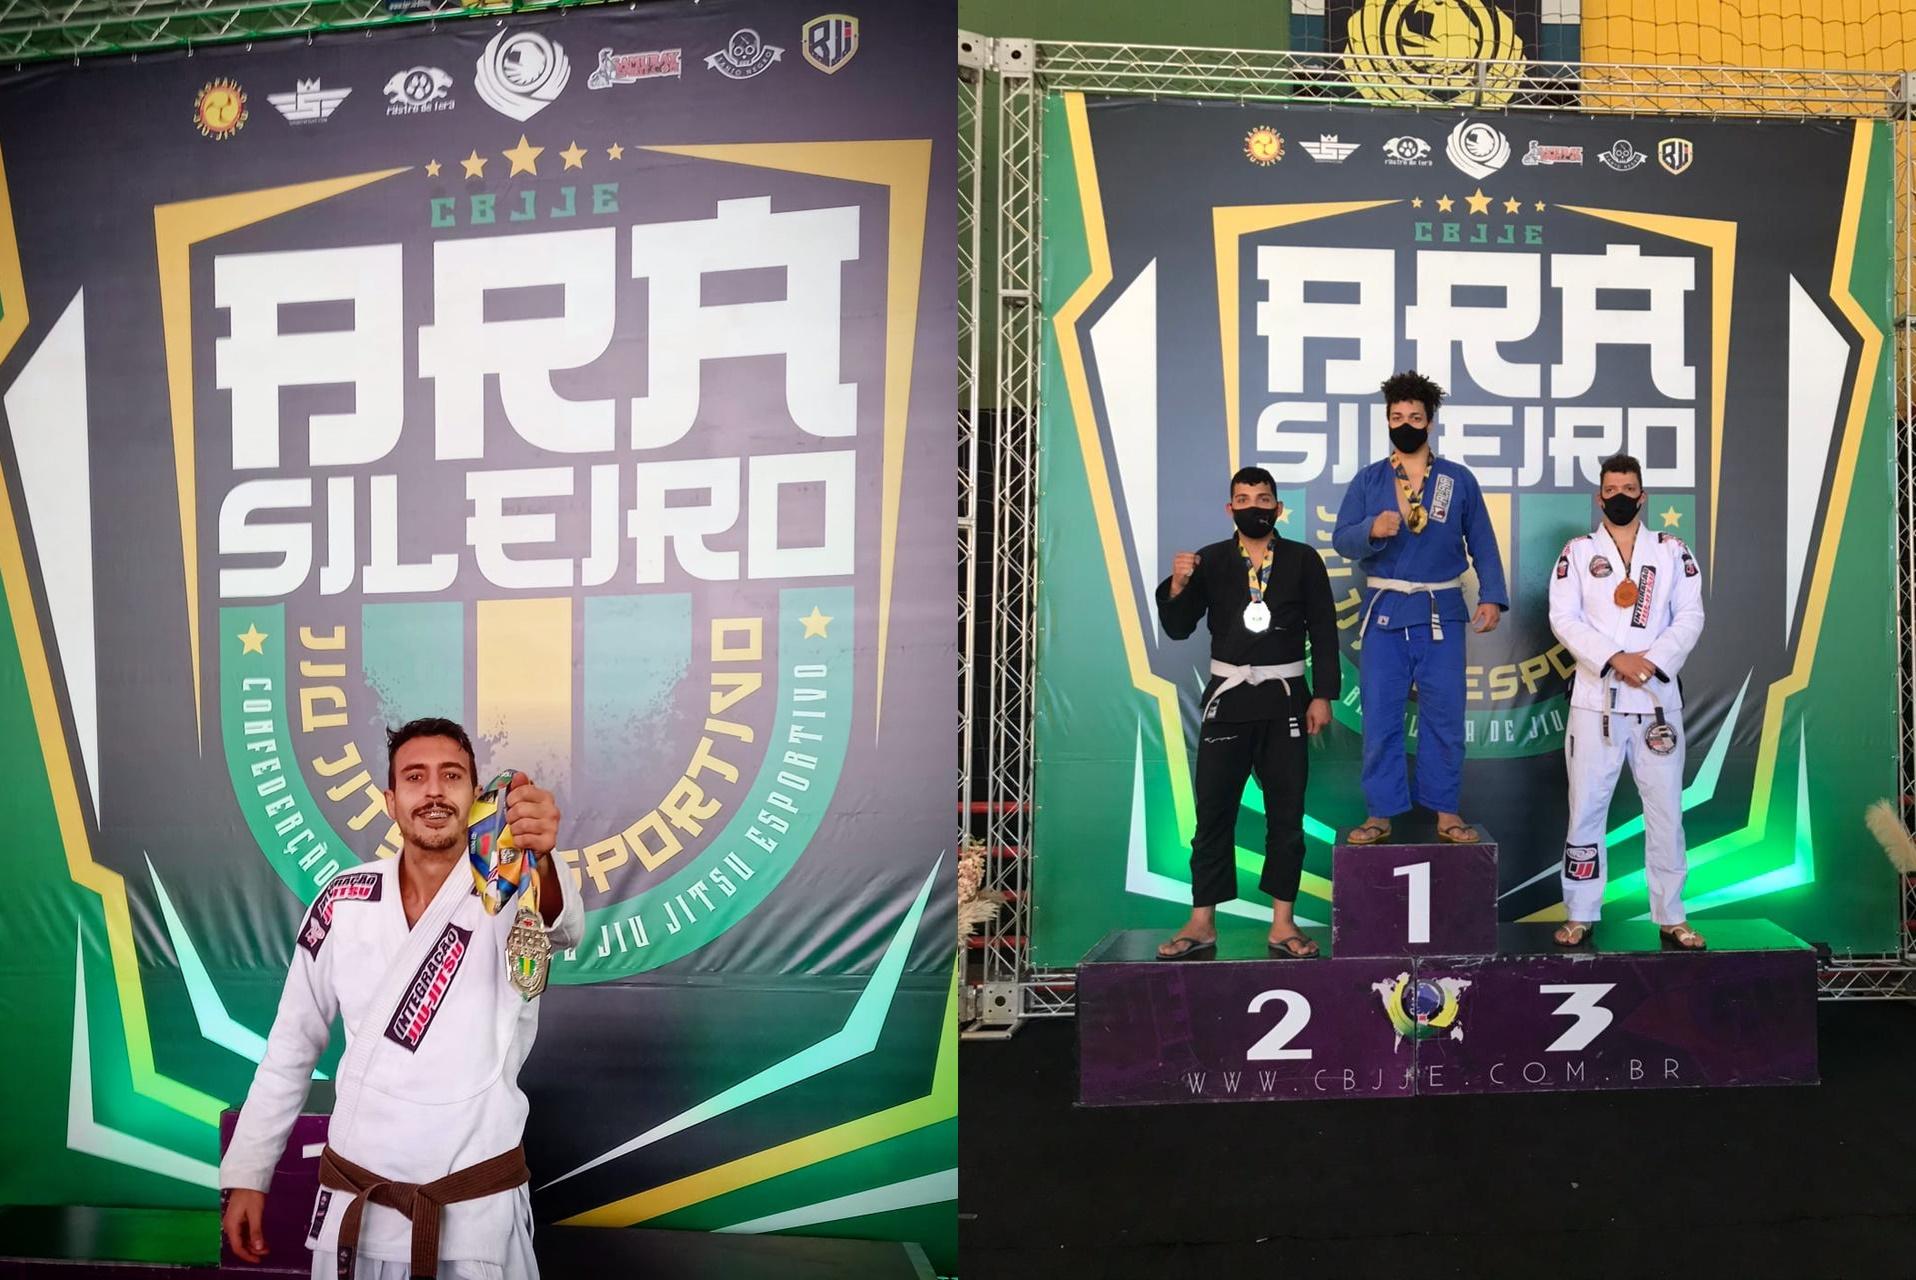 Serra-negrenses sobem no pódio pelo Brasileiro de Jiu Jitsu Esportivo